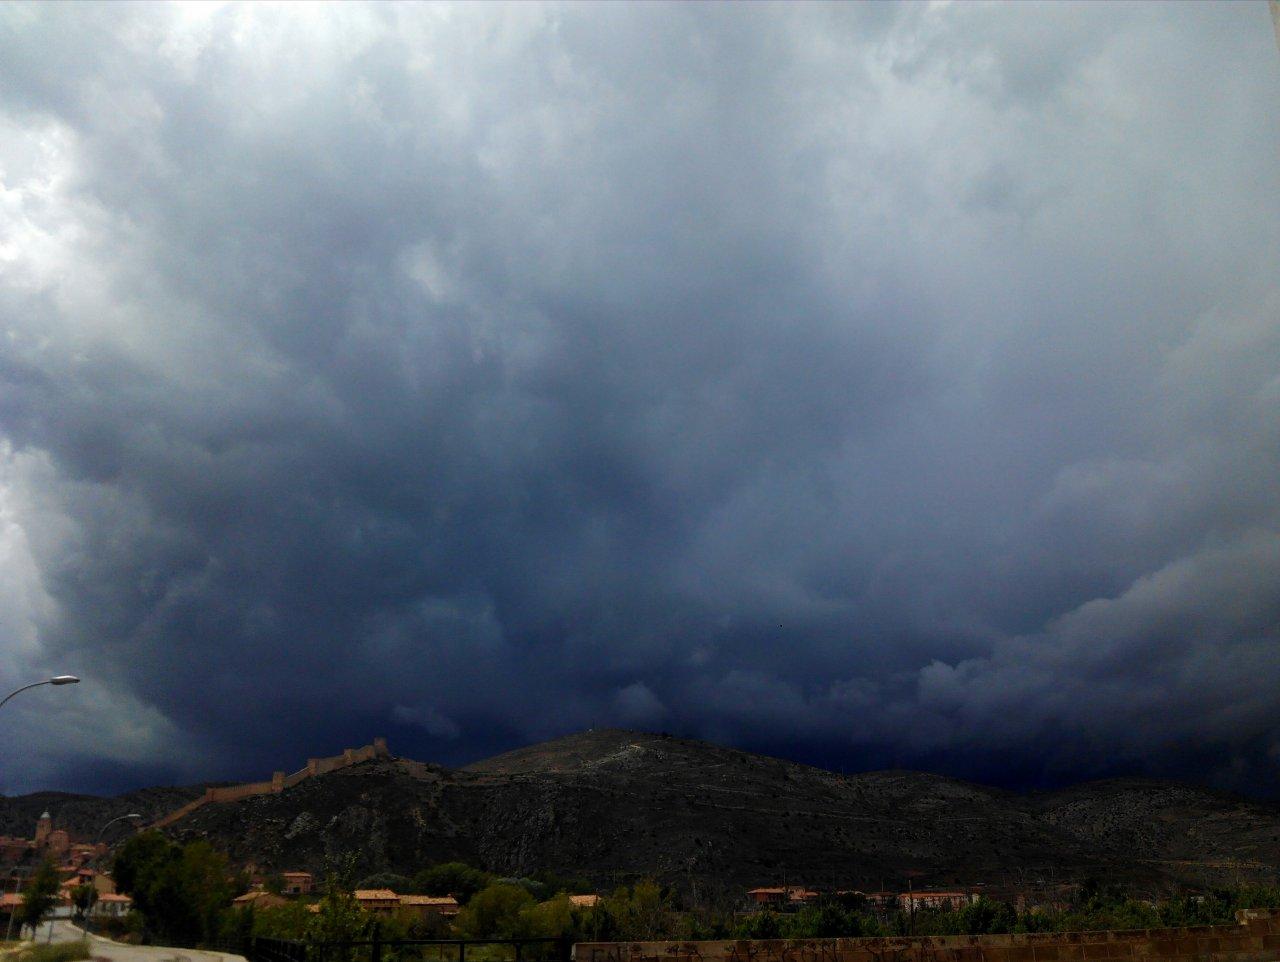 Tarde de tormenta, tarde de visita guiada en Albarracín